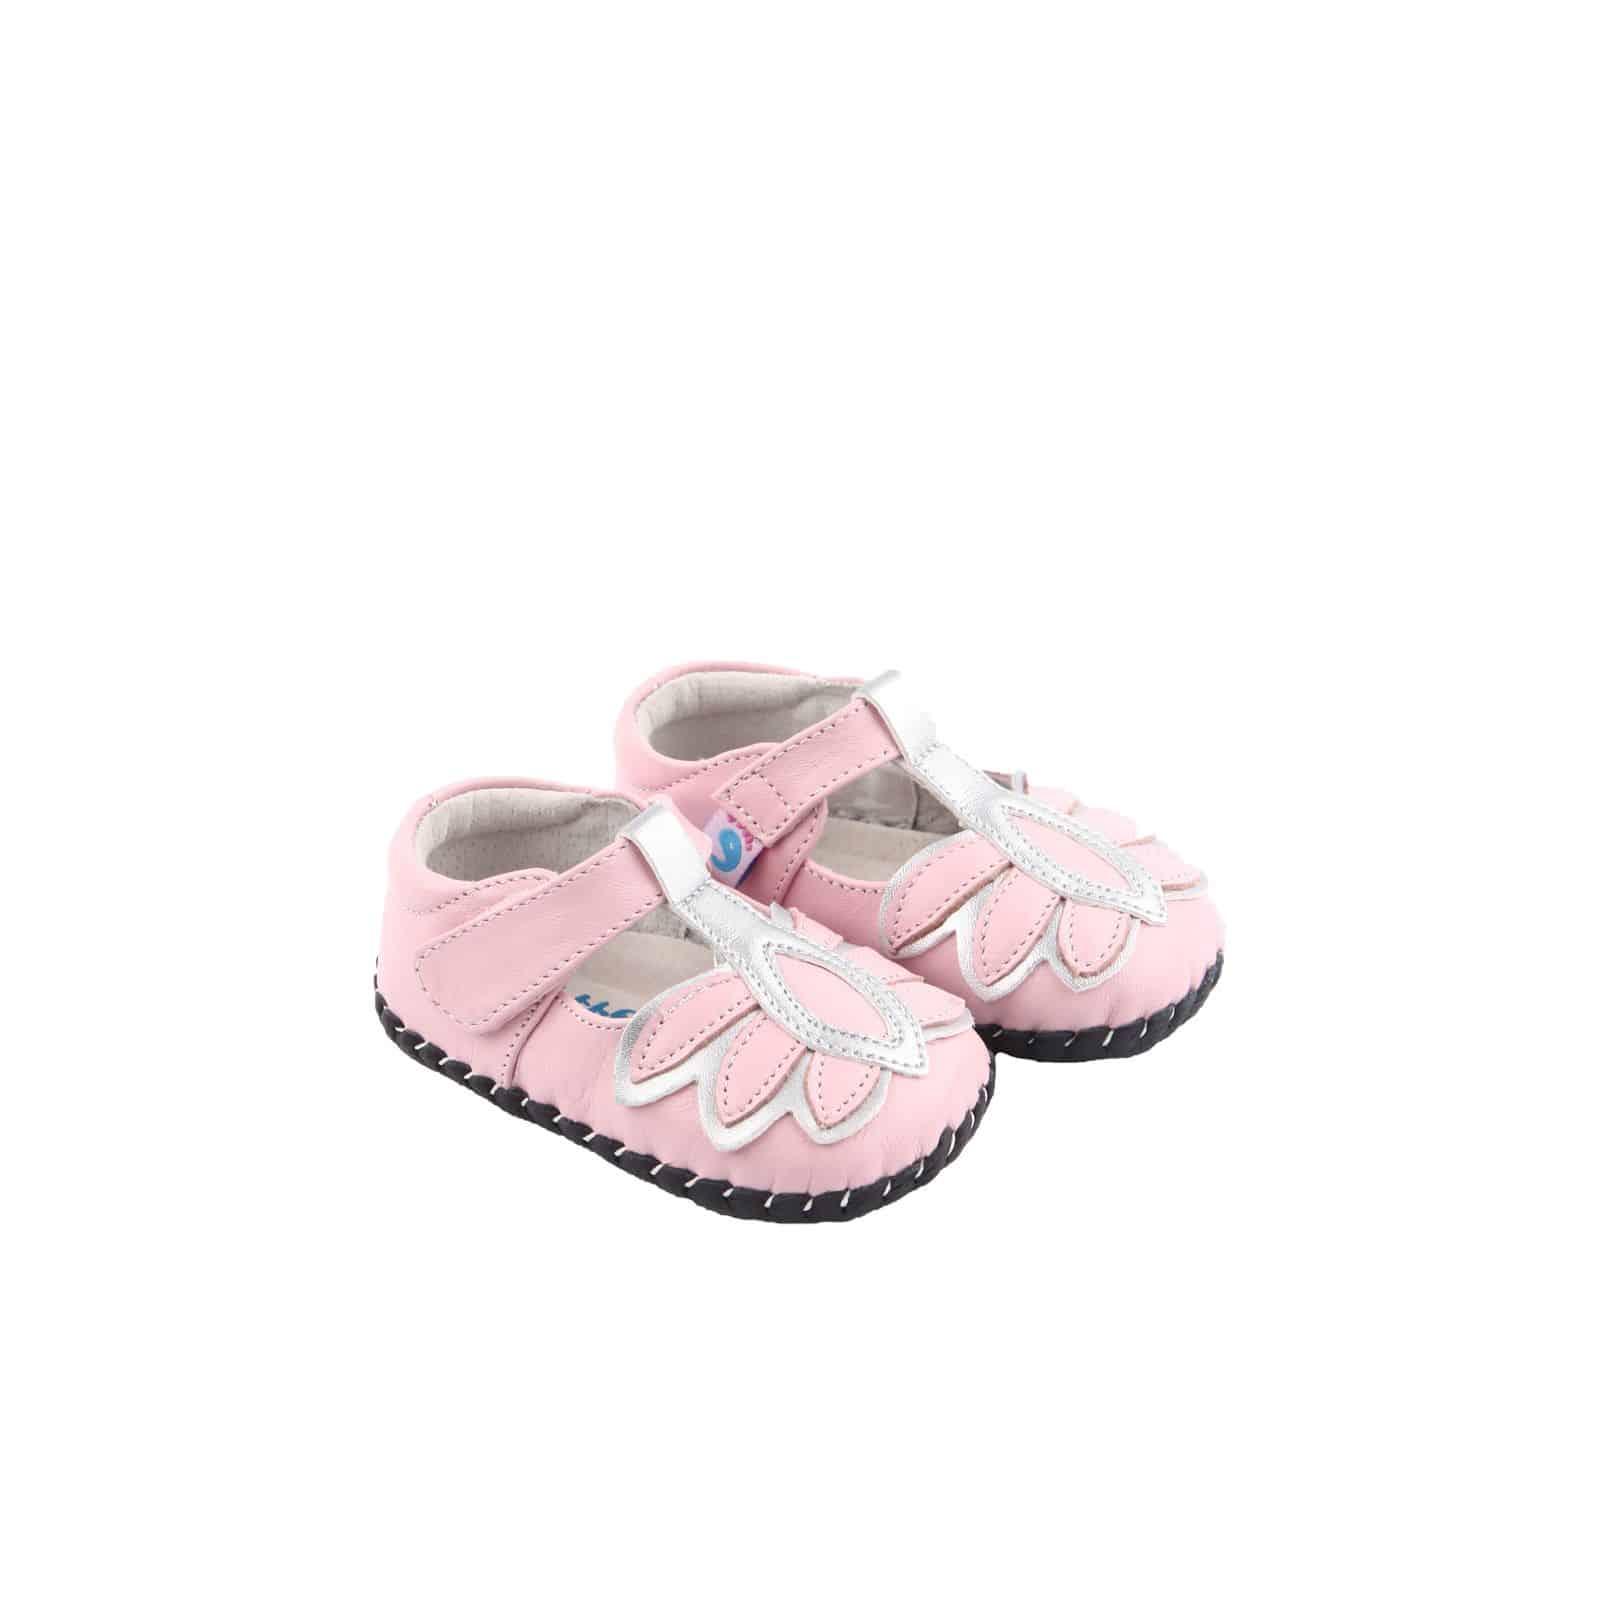 Chaussures Pas Premiers Mara Pink Cuir Souple Kc31TJlF